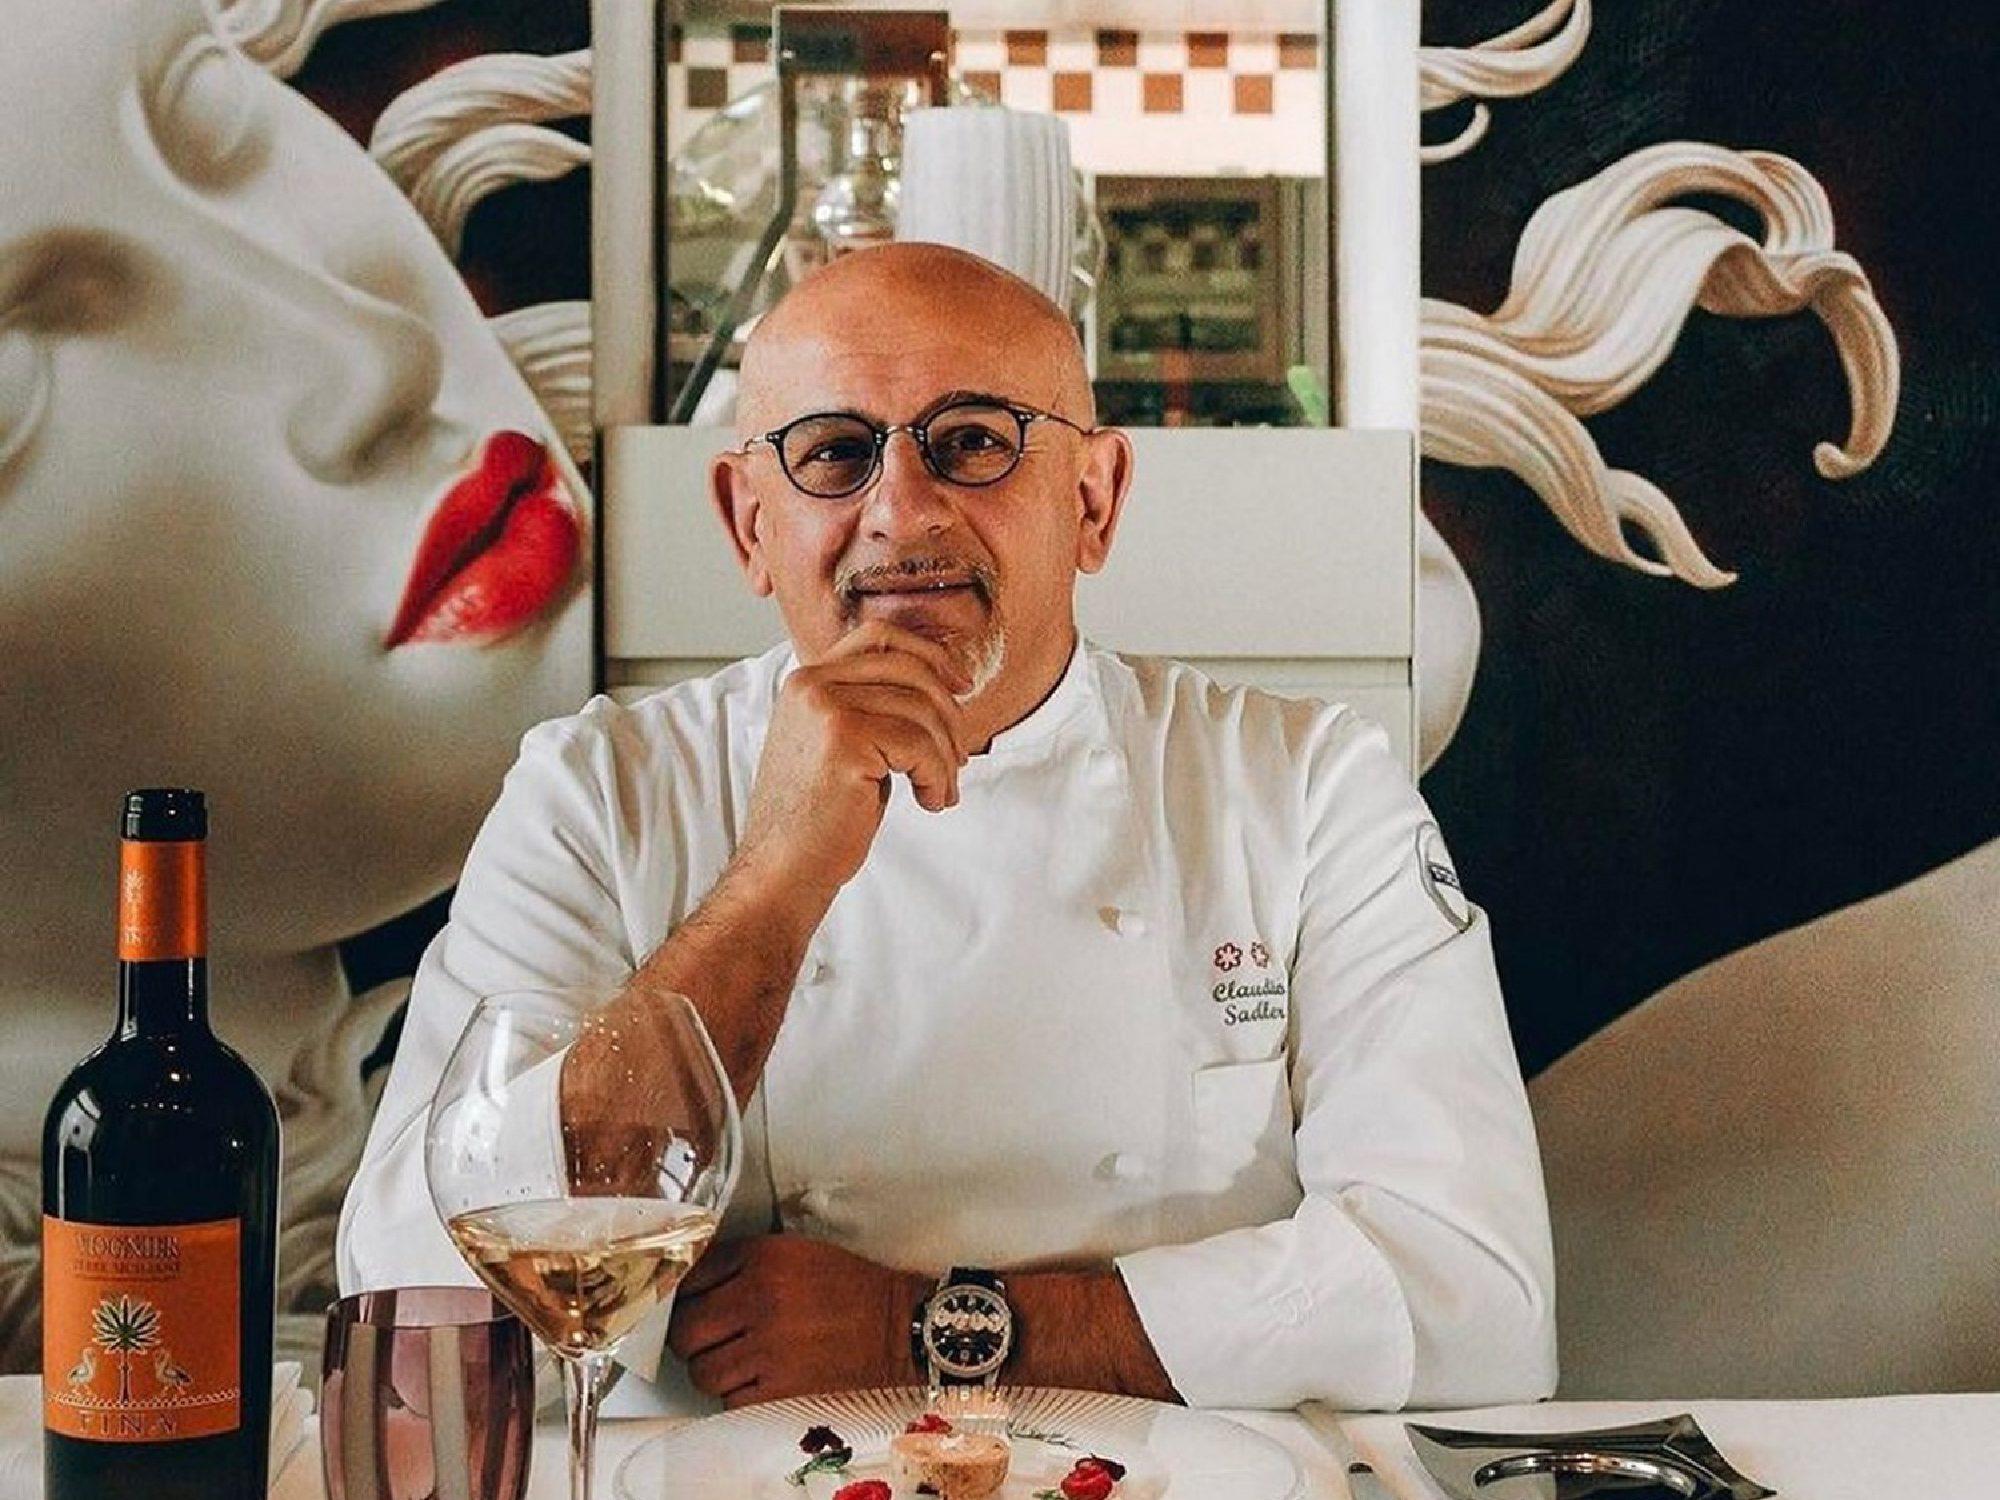 Fai beneficienza e vinci una cena stellata e un soggiorno da Claudio Sadler a Milano